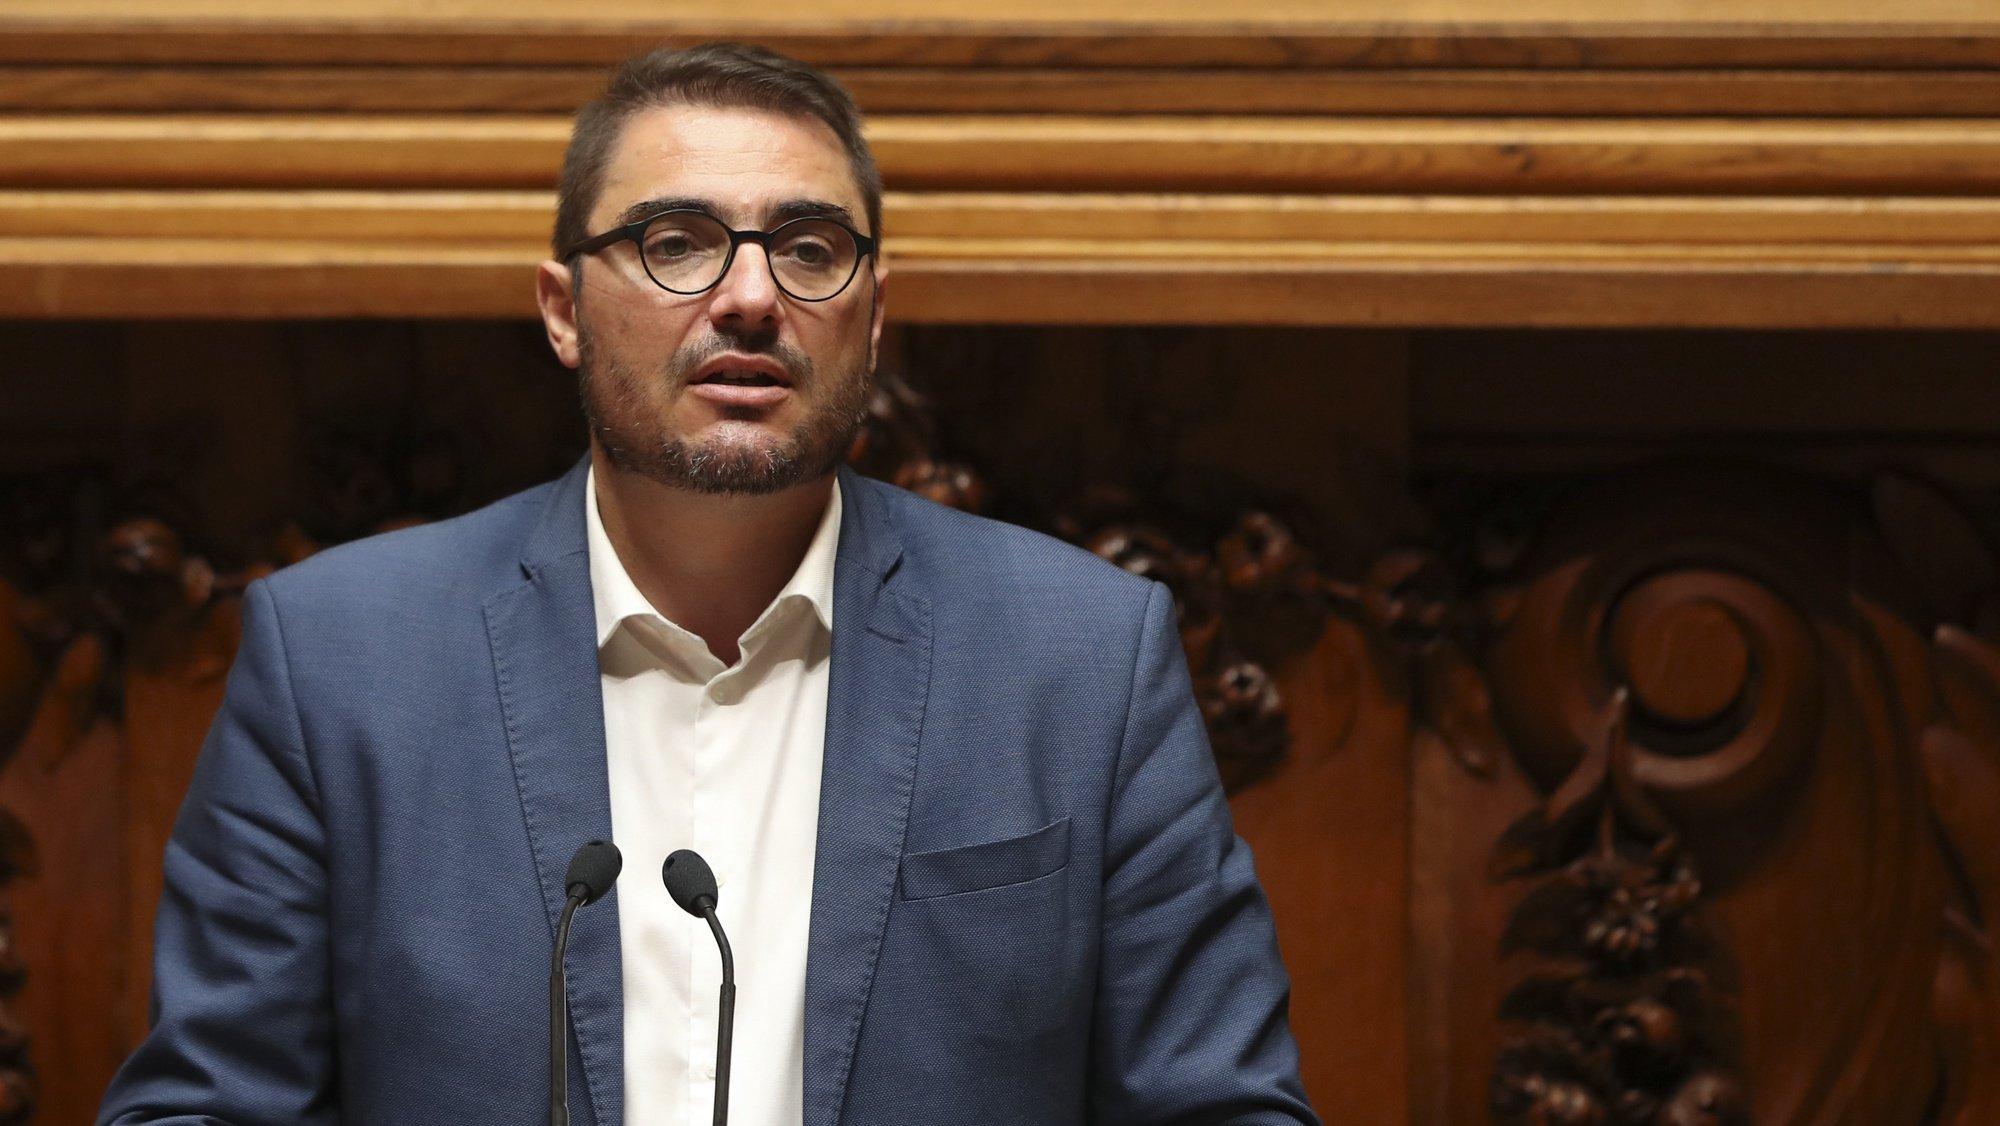 O deputado do PCP, João Oliveira, intervém durante a sessão evocativa do antigo Presidente da República Jorge Sampaio, realizada no parlamento, em Lisboa, 15 de setembro de 2021. MANUEL DE ALMEIDA/LUSA